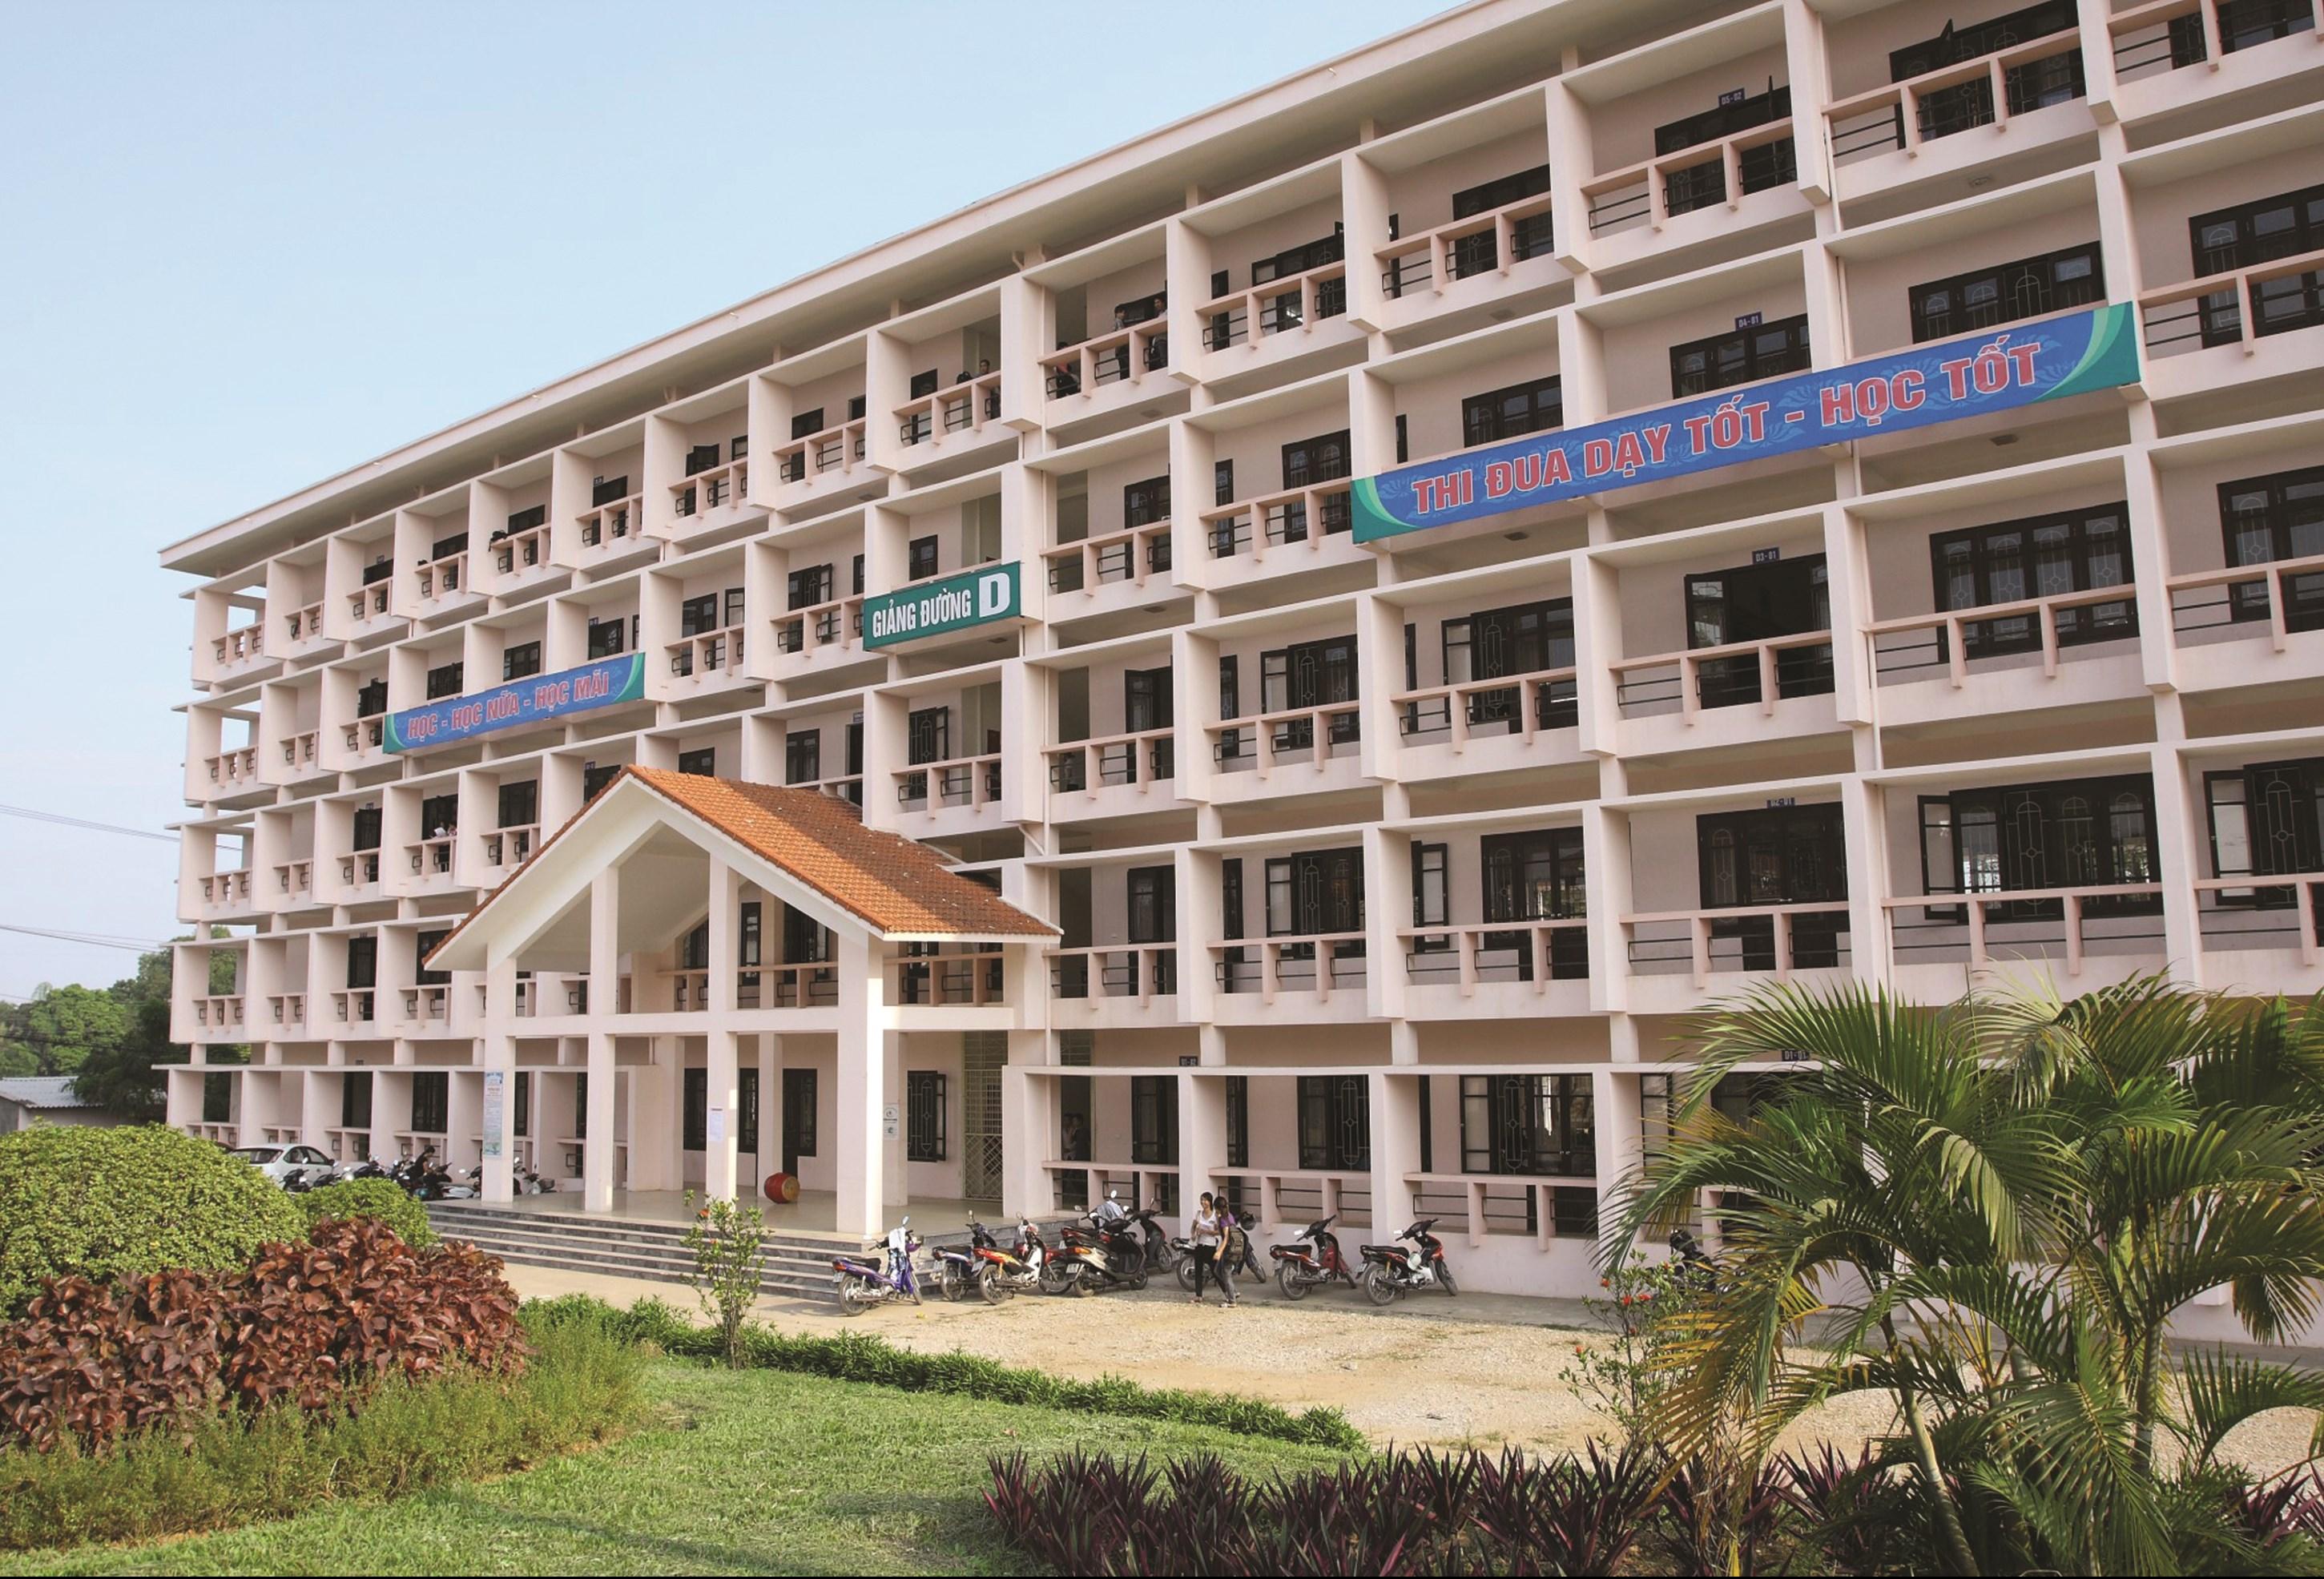 Trường Đại học Nông Lâm, Đại học Thái Nguyên hiện có gần 5.000 sinh viên trong đó có 60% sinh viên là người DTTS theo học.